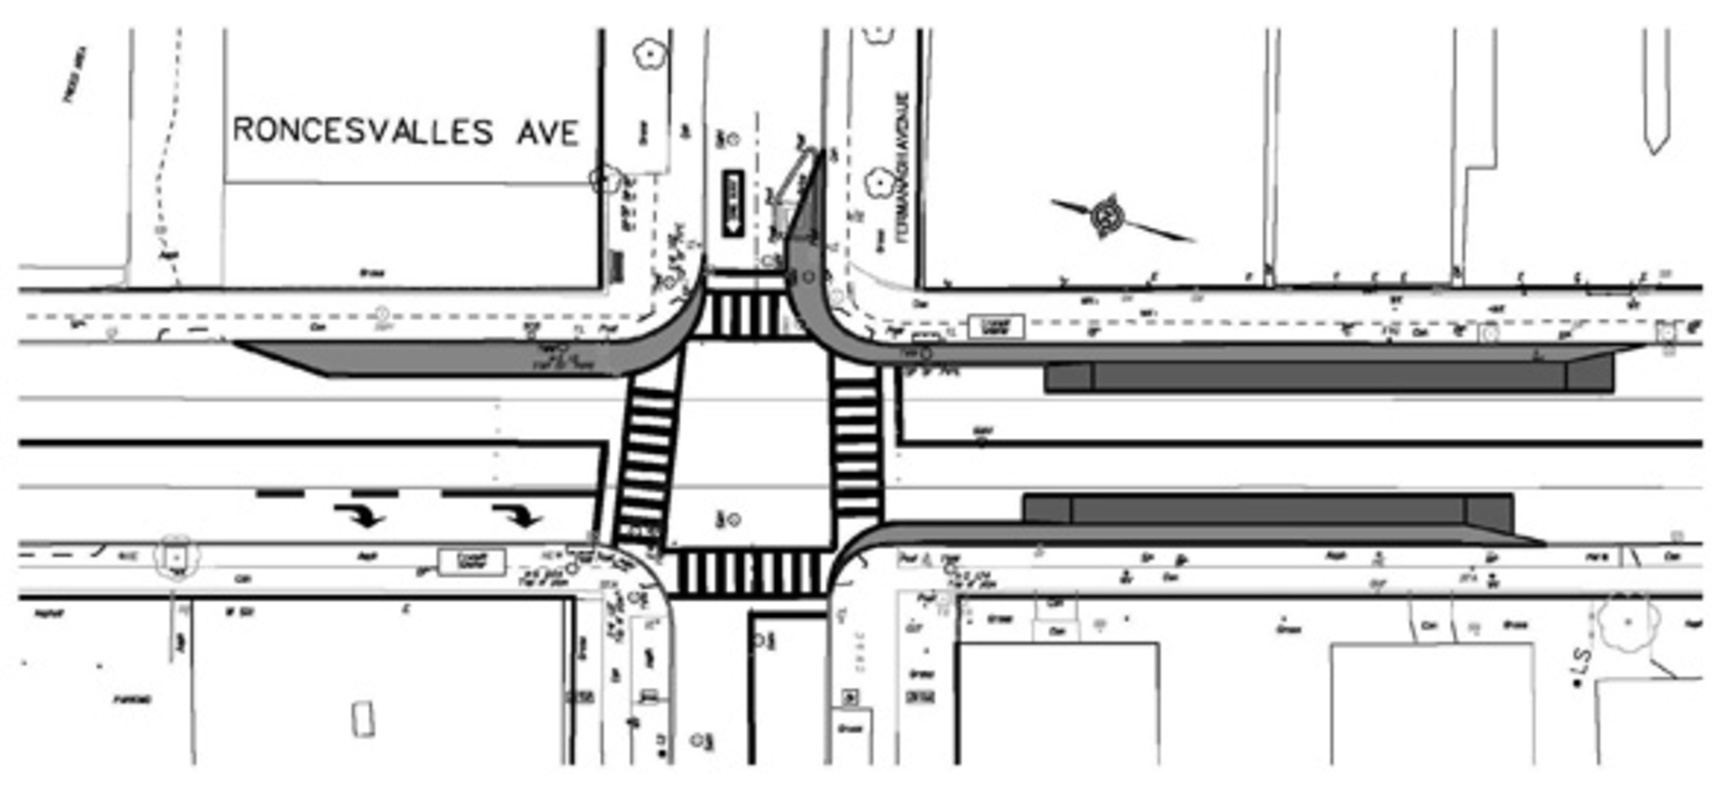 Roncevalles Avenue Bump Out